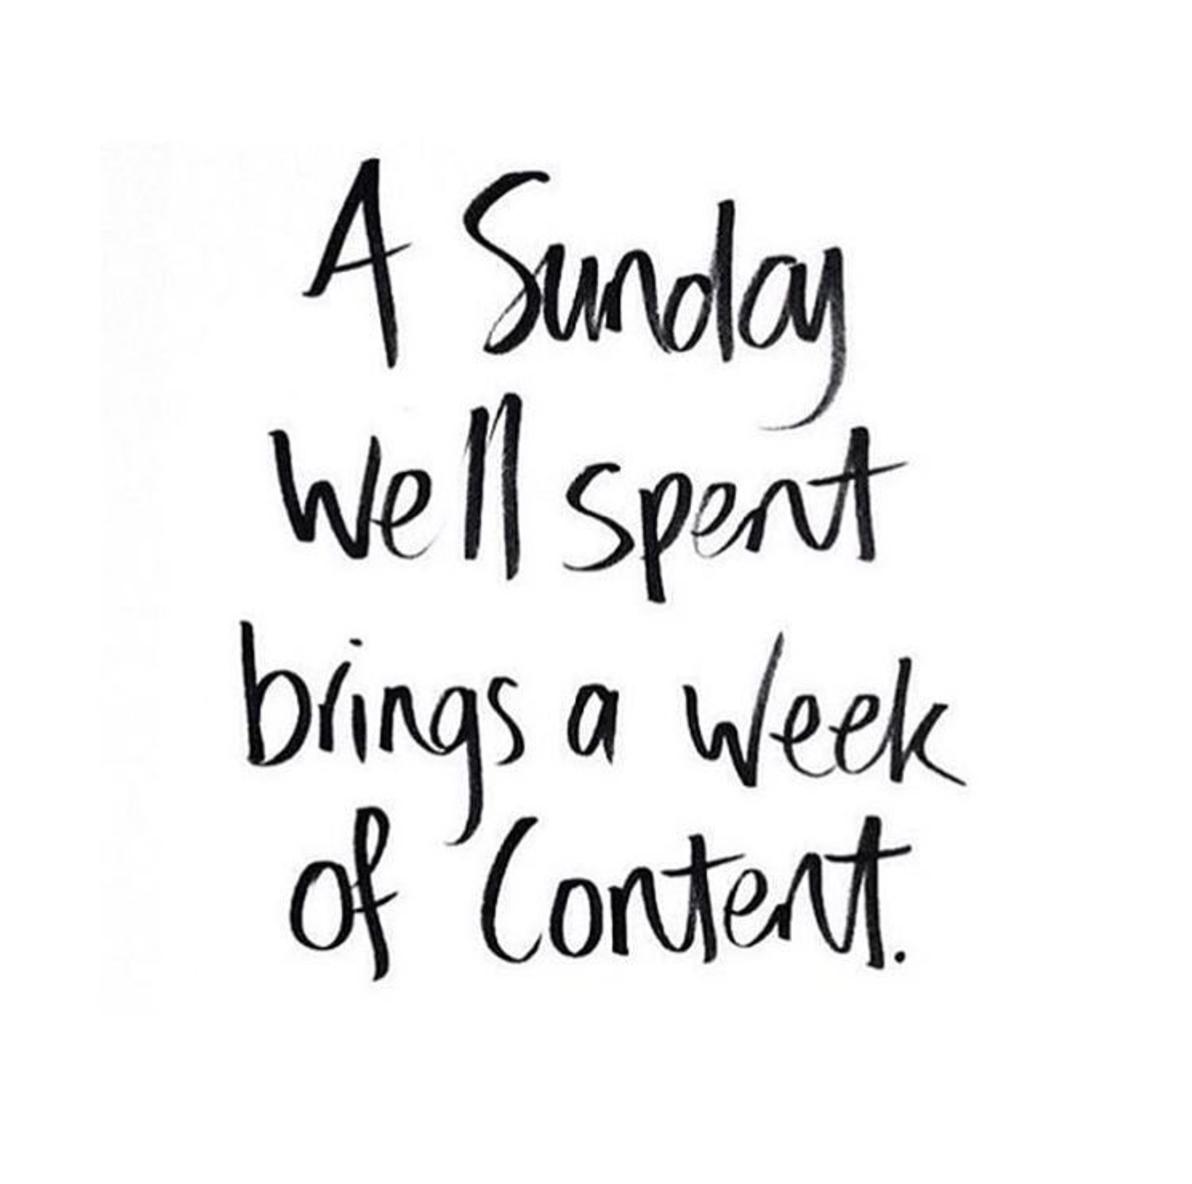 Yoga Yogainspiration Sunday Quotes New Week